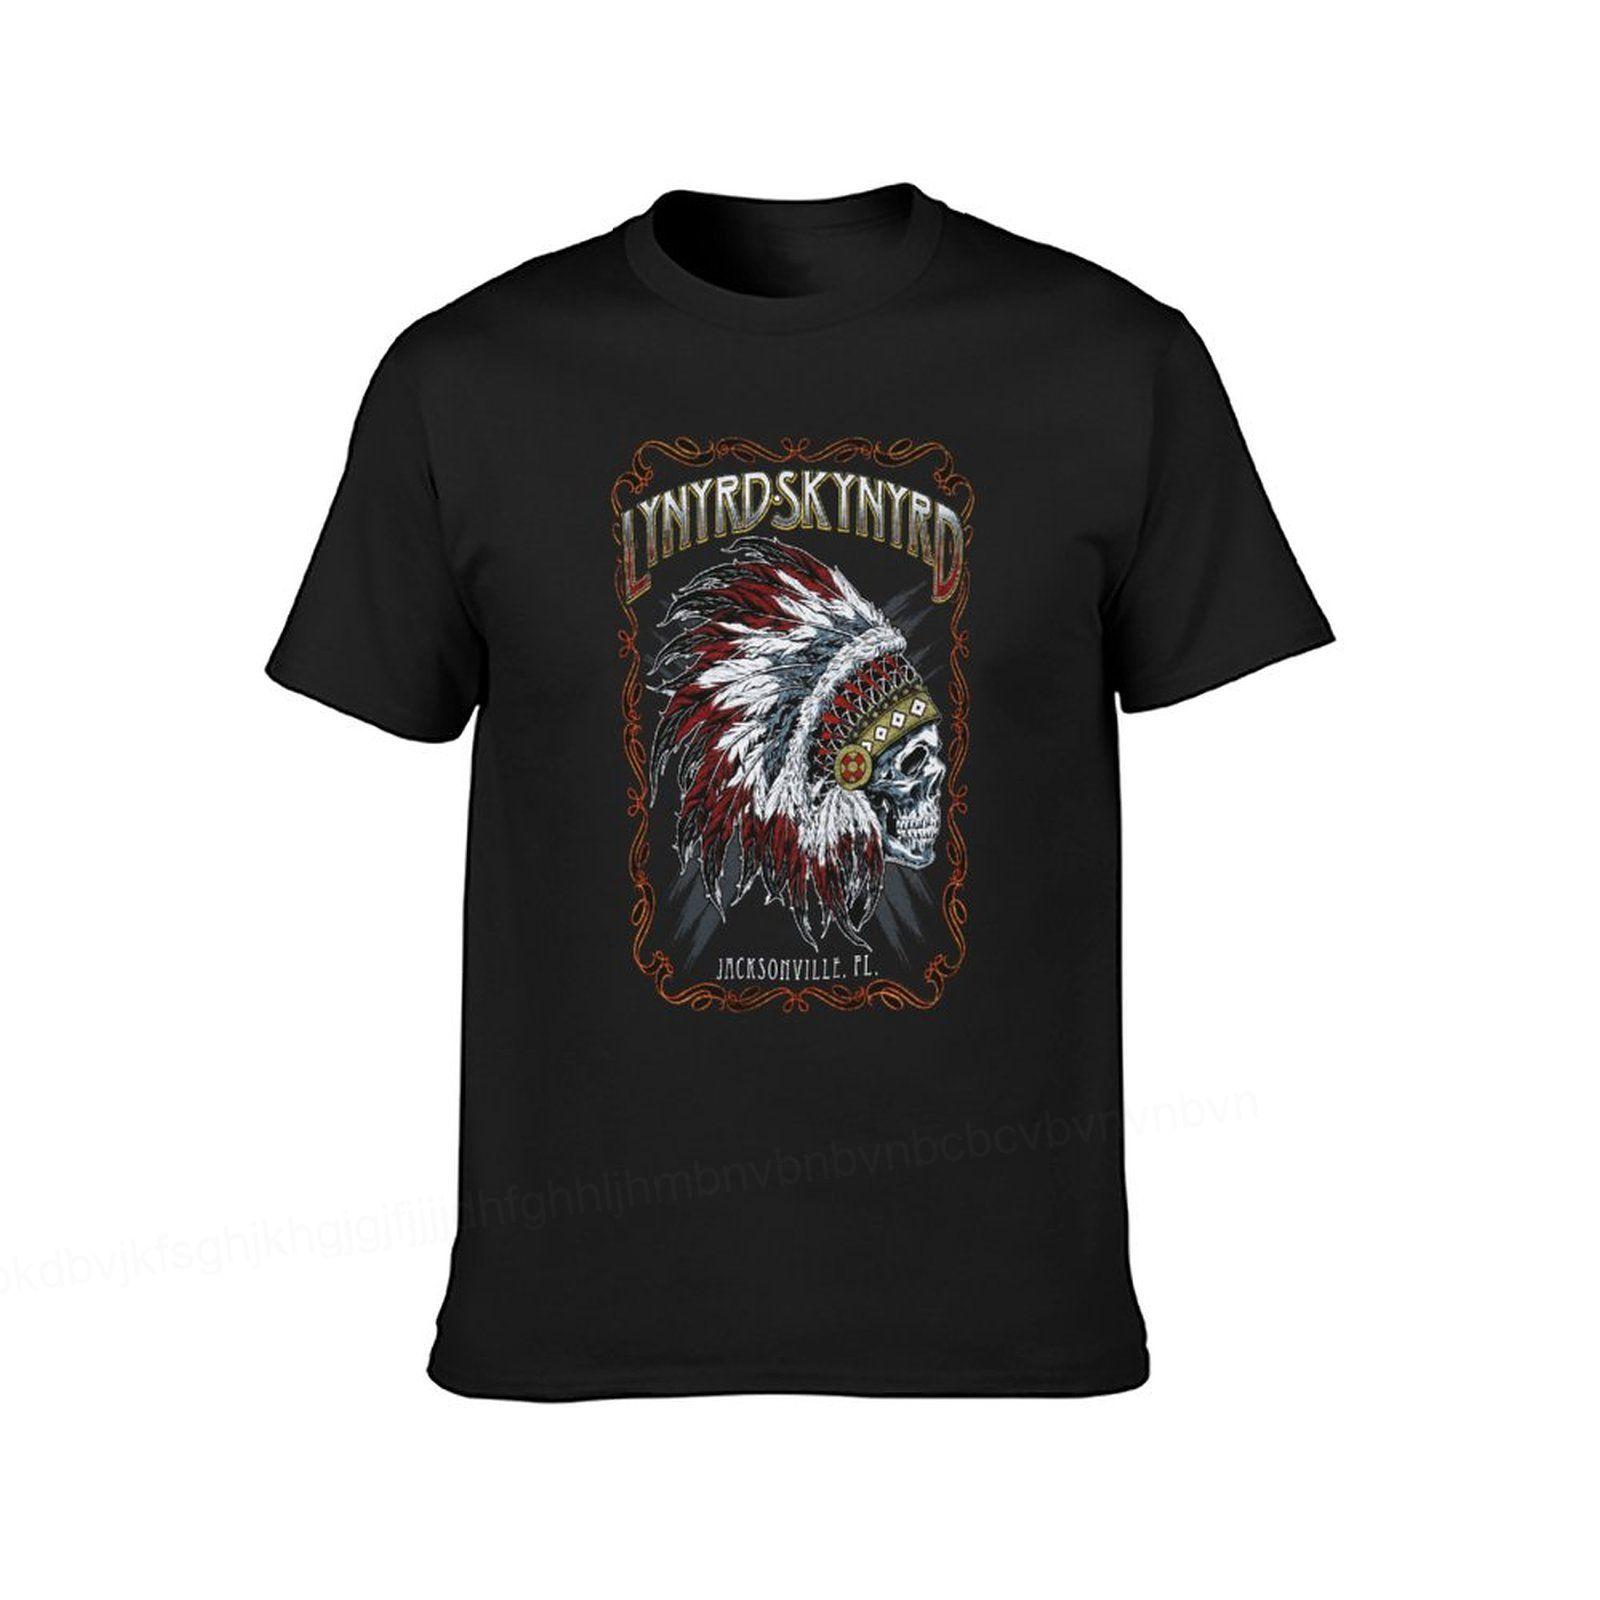 Lynyrd-Camisetas De Skynyrd para hombre, playera alternativa de verano, Tops de algodón...